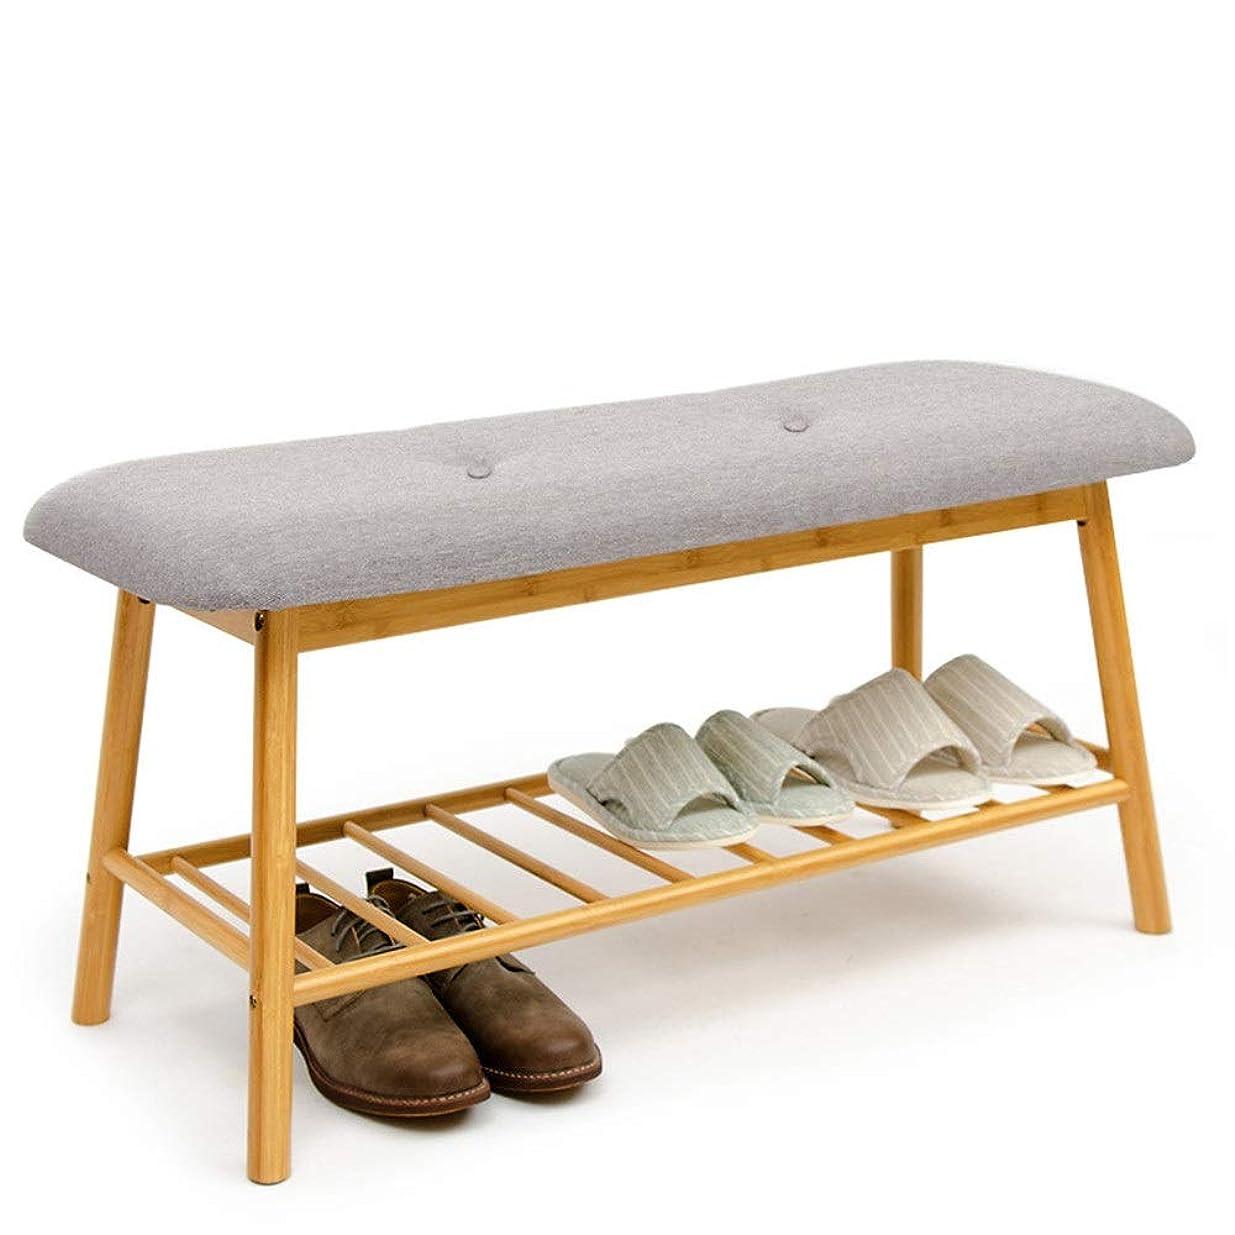 寛大な積分見える木製の靴収納ベンチラック棚クッション座席玄関廊下オーガナイザー靴ラック 整理しやすくする (色 : Round leg color, サイズ : 53*30*45cm)